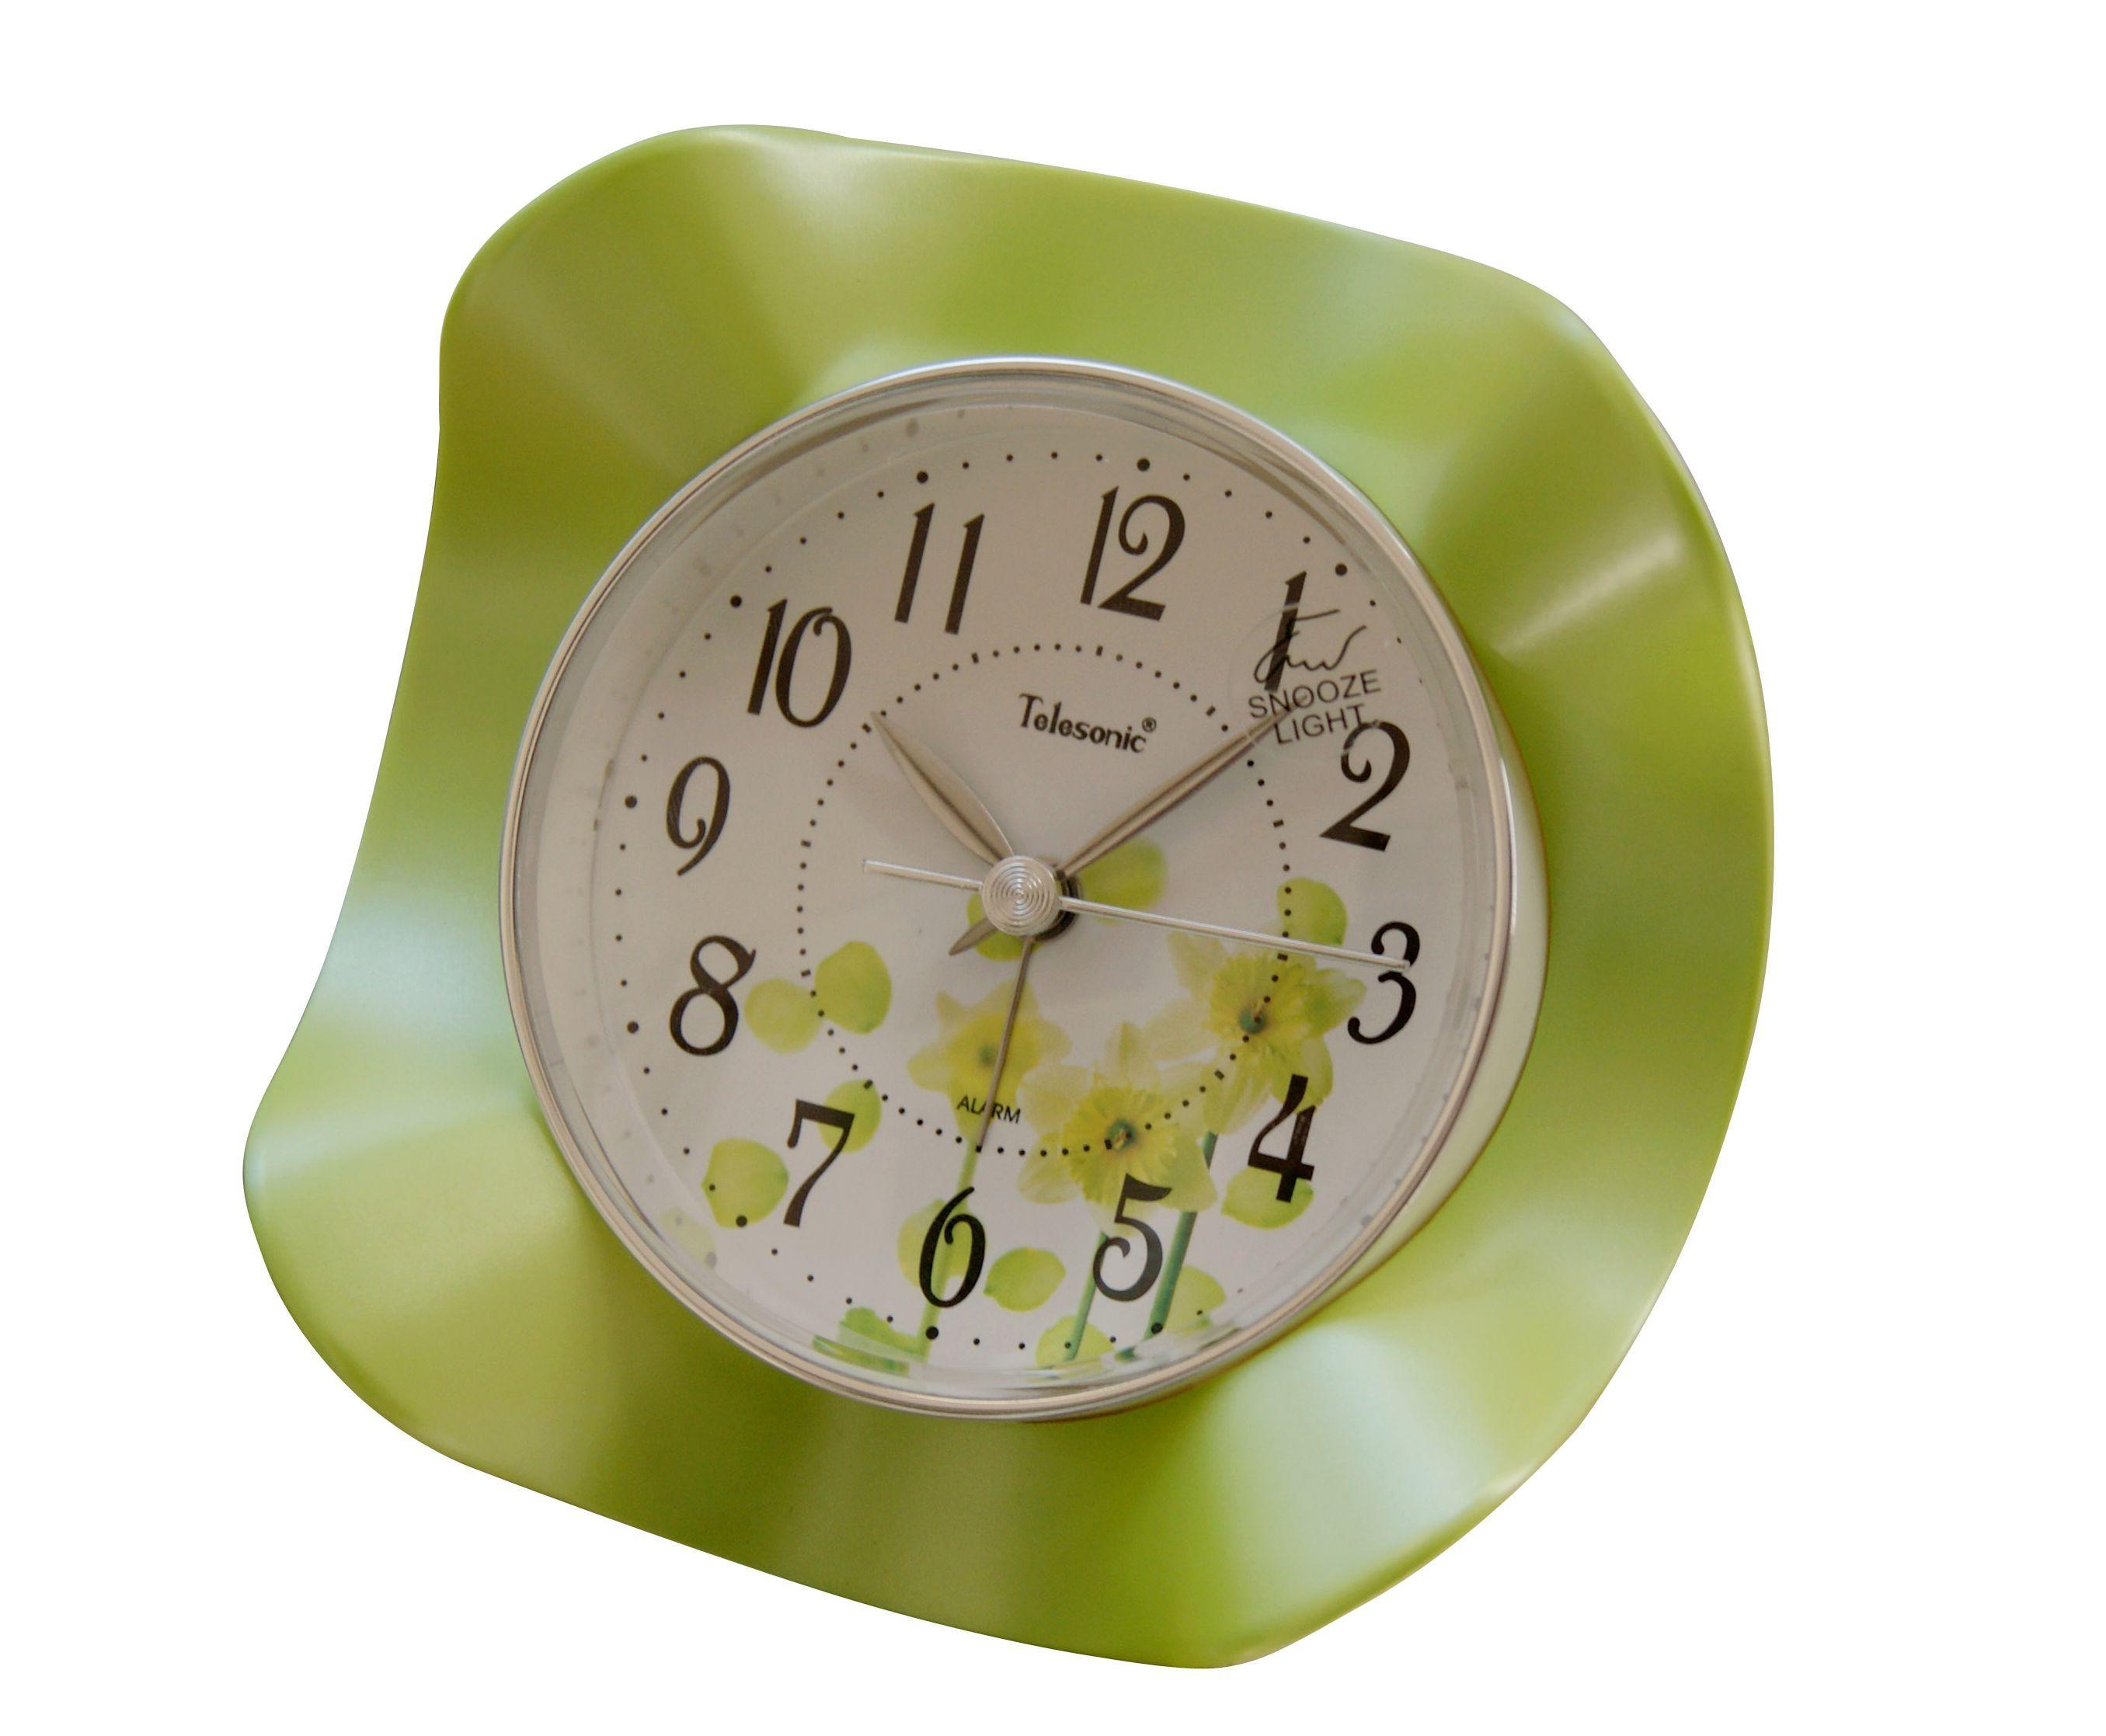 天王星超可爱花朵静音A6936创意个性夜灯4寸卡通电子闹钟包邮